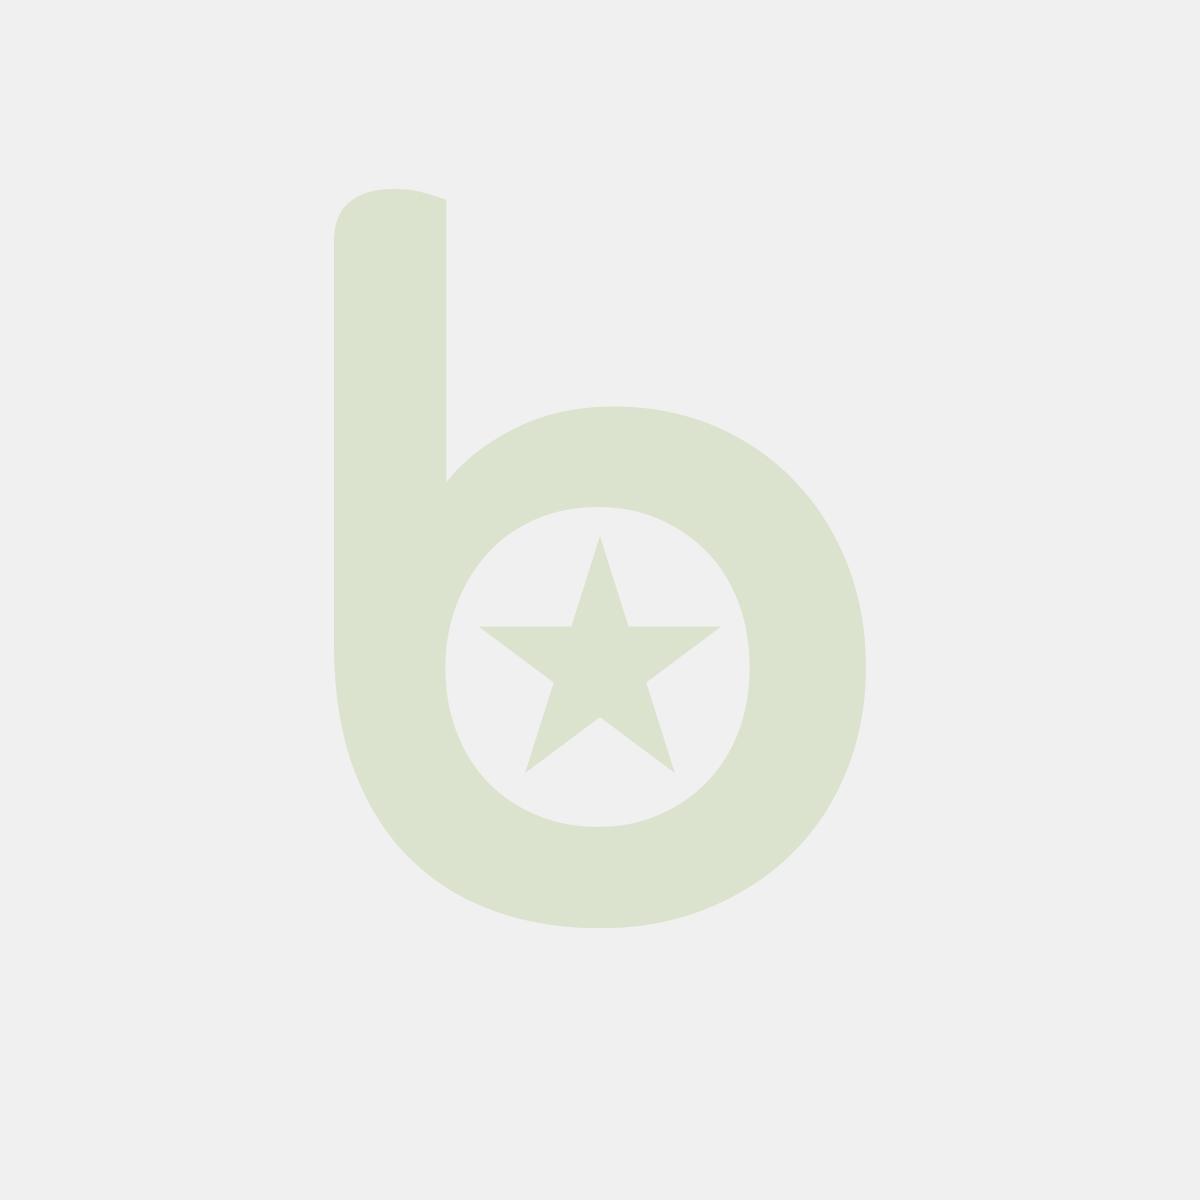 FINGERFOOD miseczka TAPAS 120ml czarna z uchwytami op. 20 sztuk